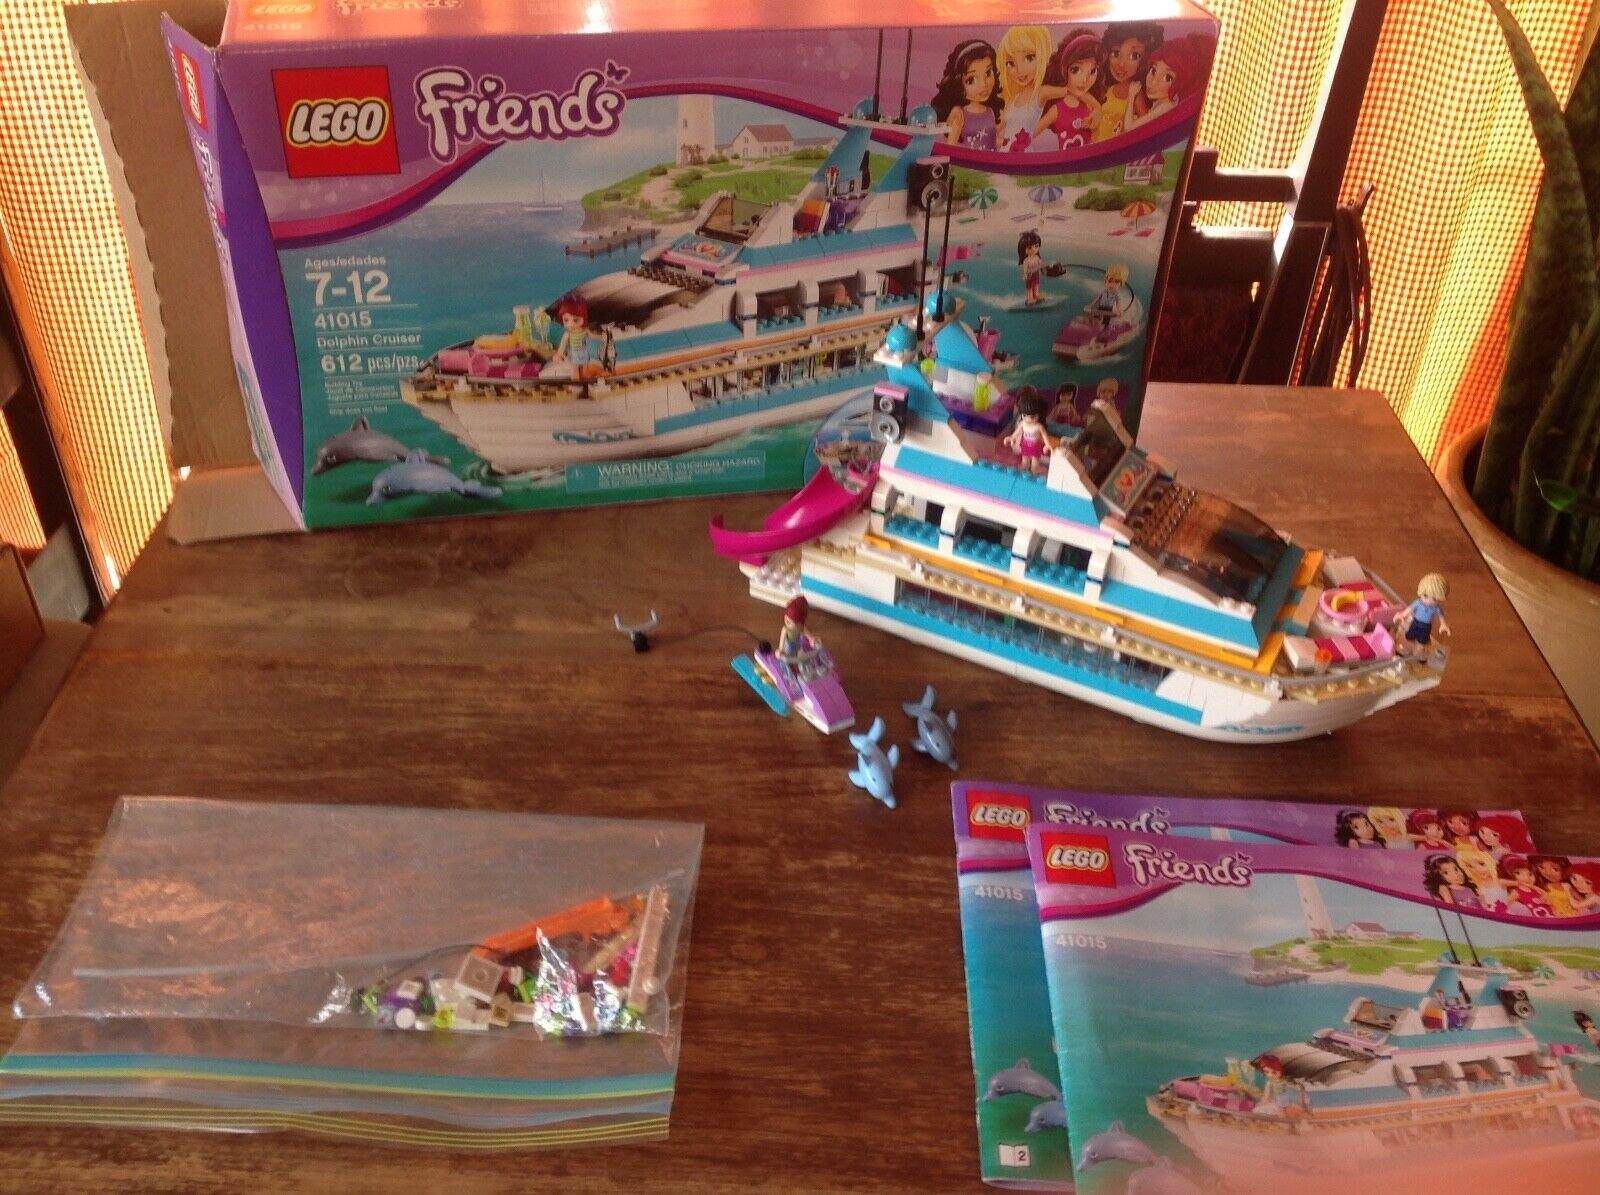 LEGO freunde Dolphin Cruiser 41015